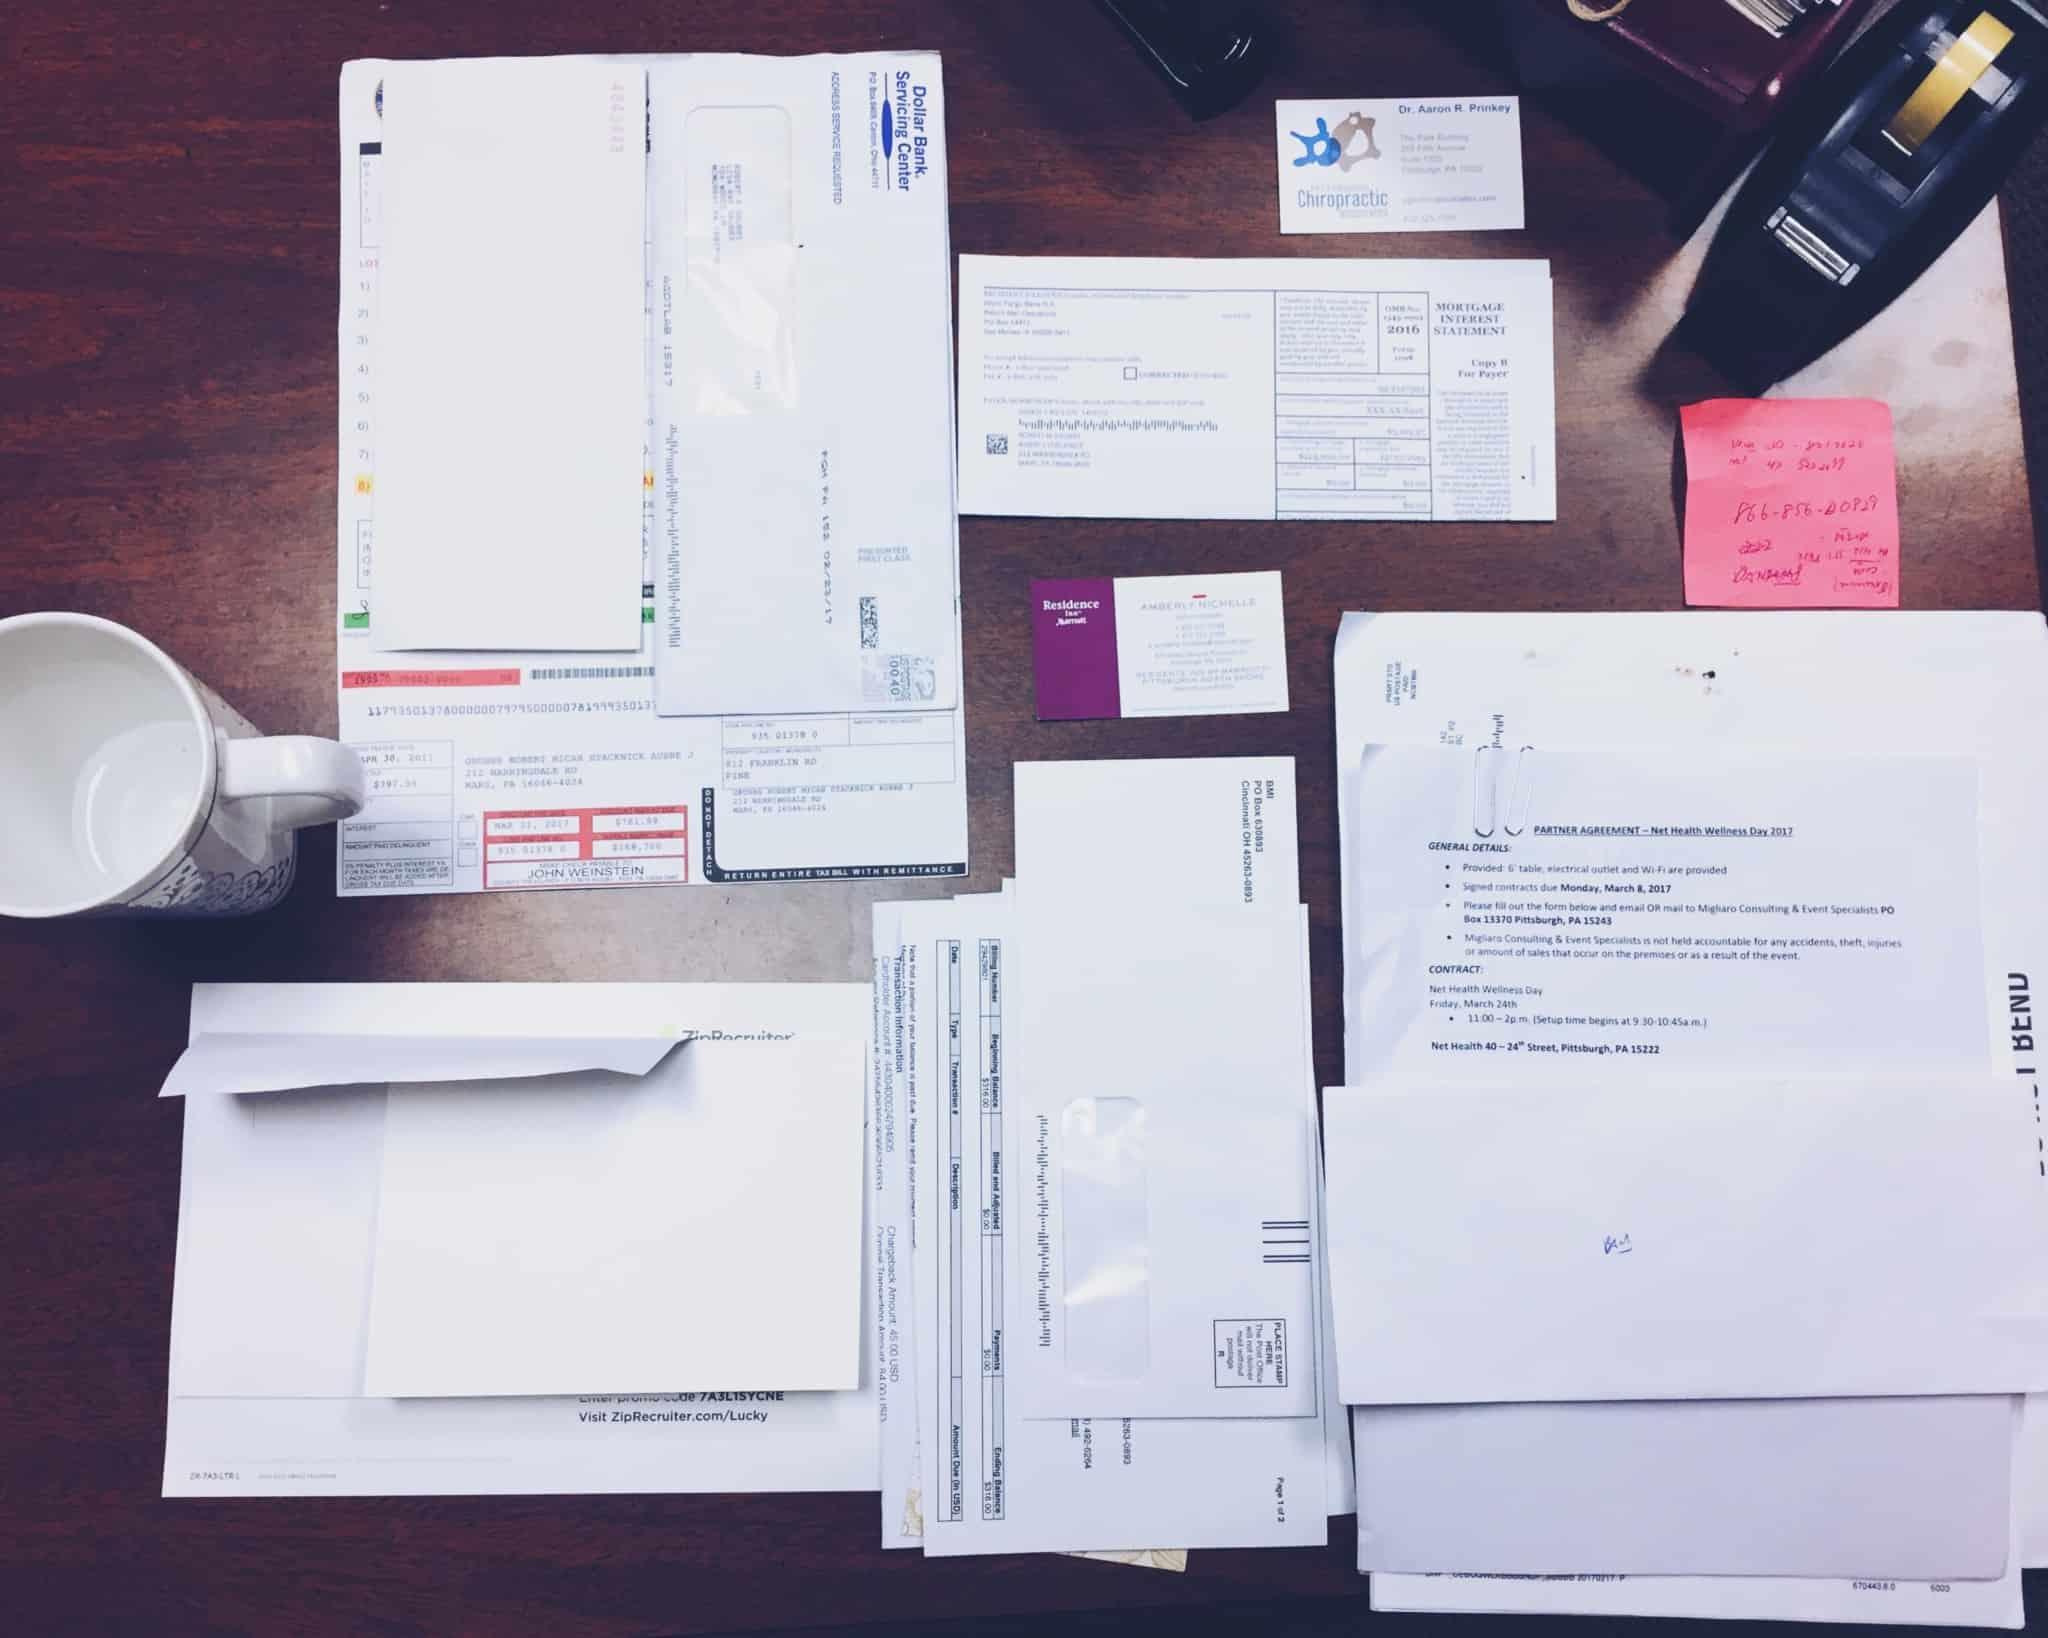 varias cartas e papeis em cima da secretaria